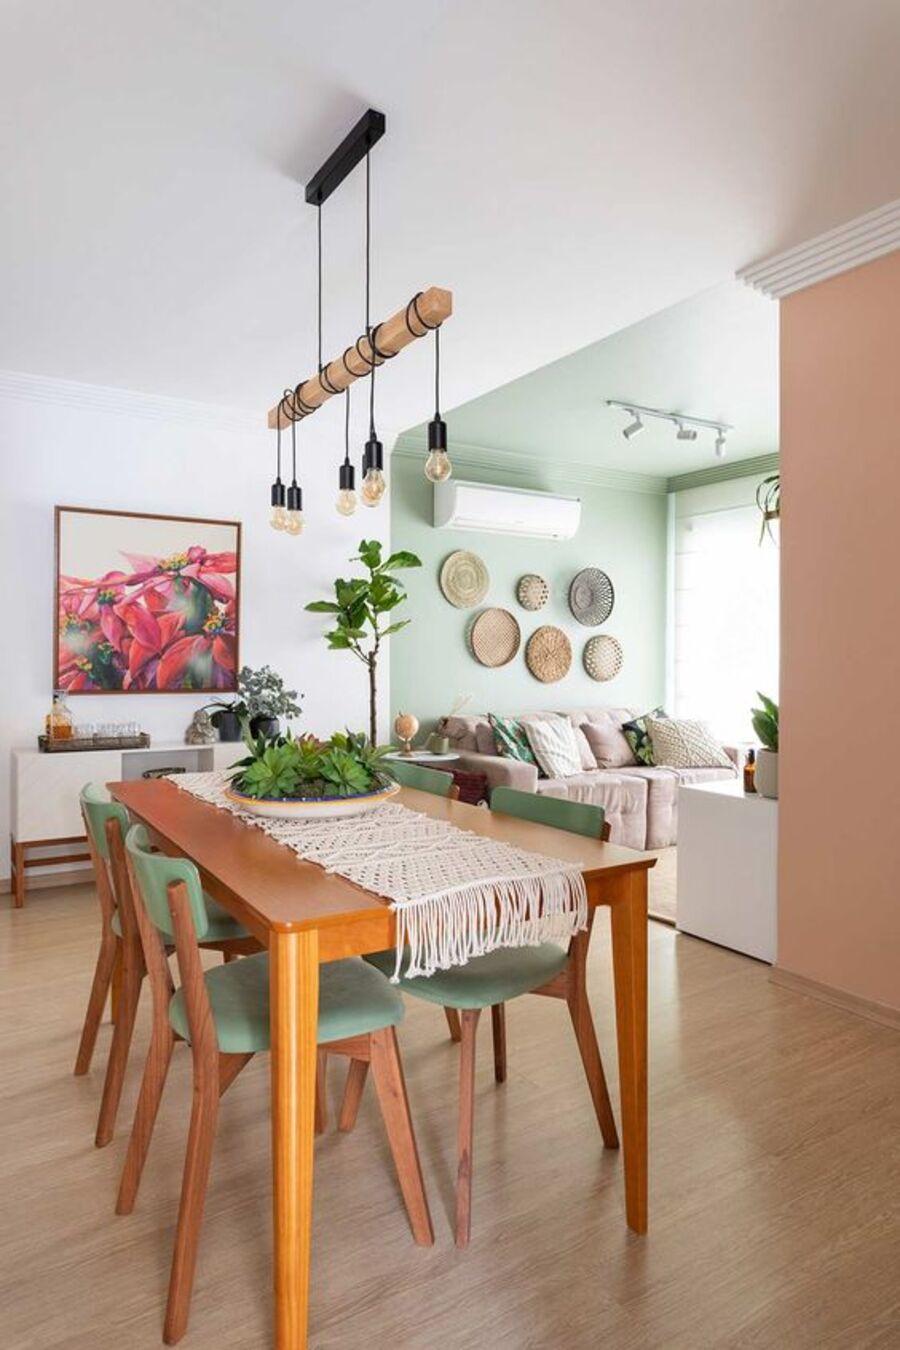 En la fotografía se separa el comedor del living pintando las paredes y el techo de la sala de un color distinto al resto del espacio.